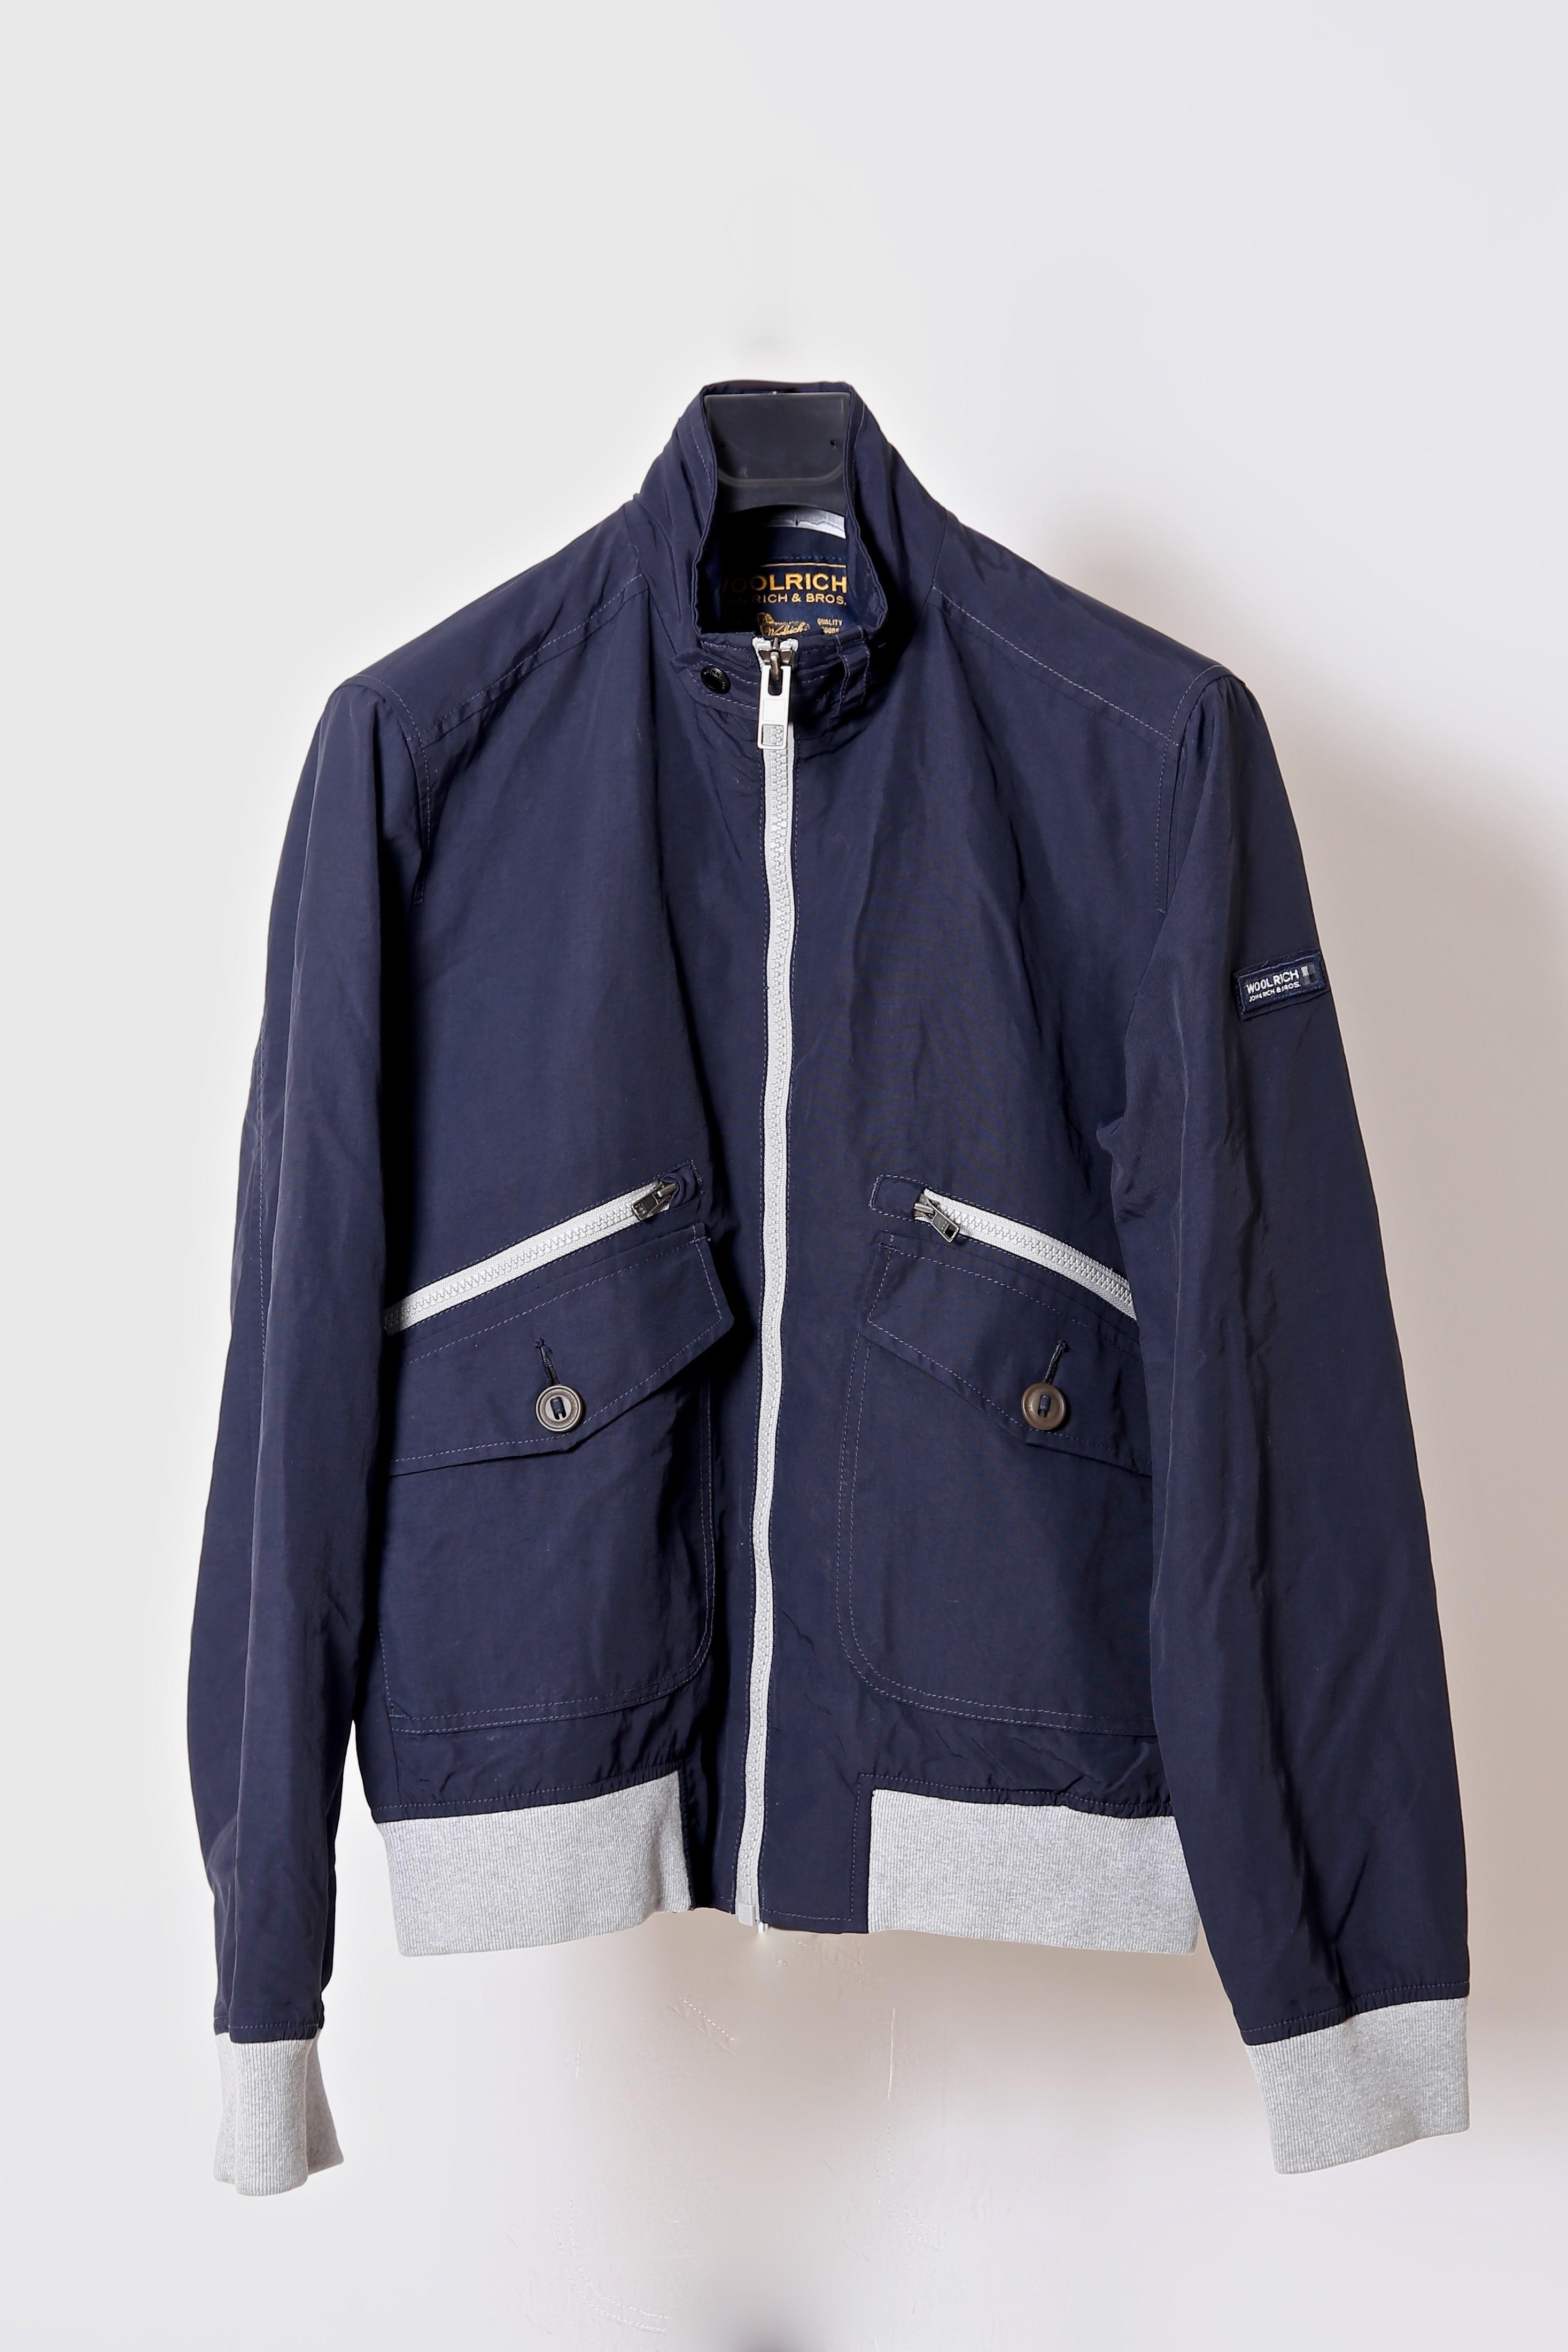 economico per lo sconto bc19e e73cc WOOLRICH giacca cotone uomo giubbotto estivo cotone tg M jacket cotton man